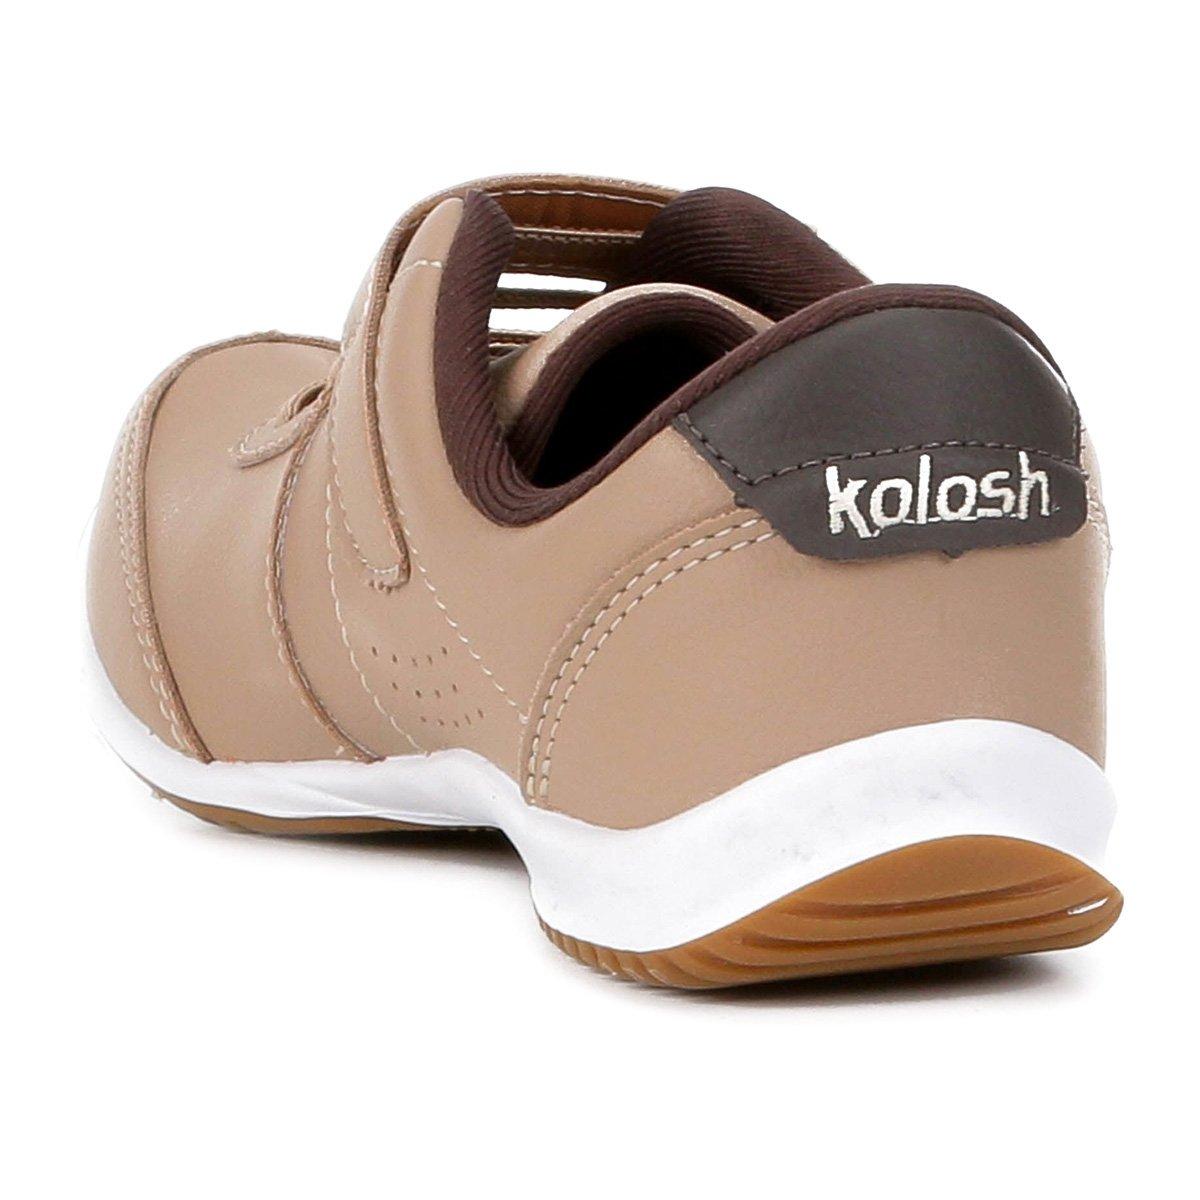 Kolosh Velcro Tênis Feminino Kolosh Tênis Cadarço Bege wp7xEI